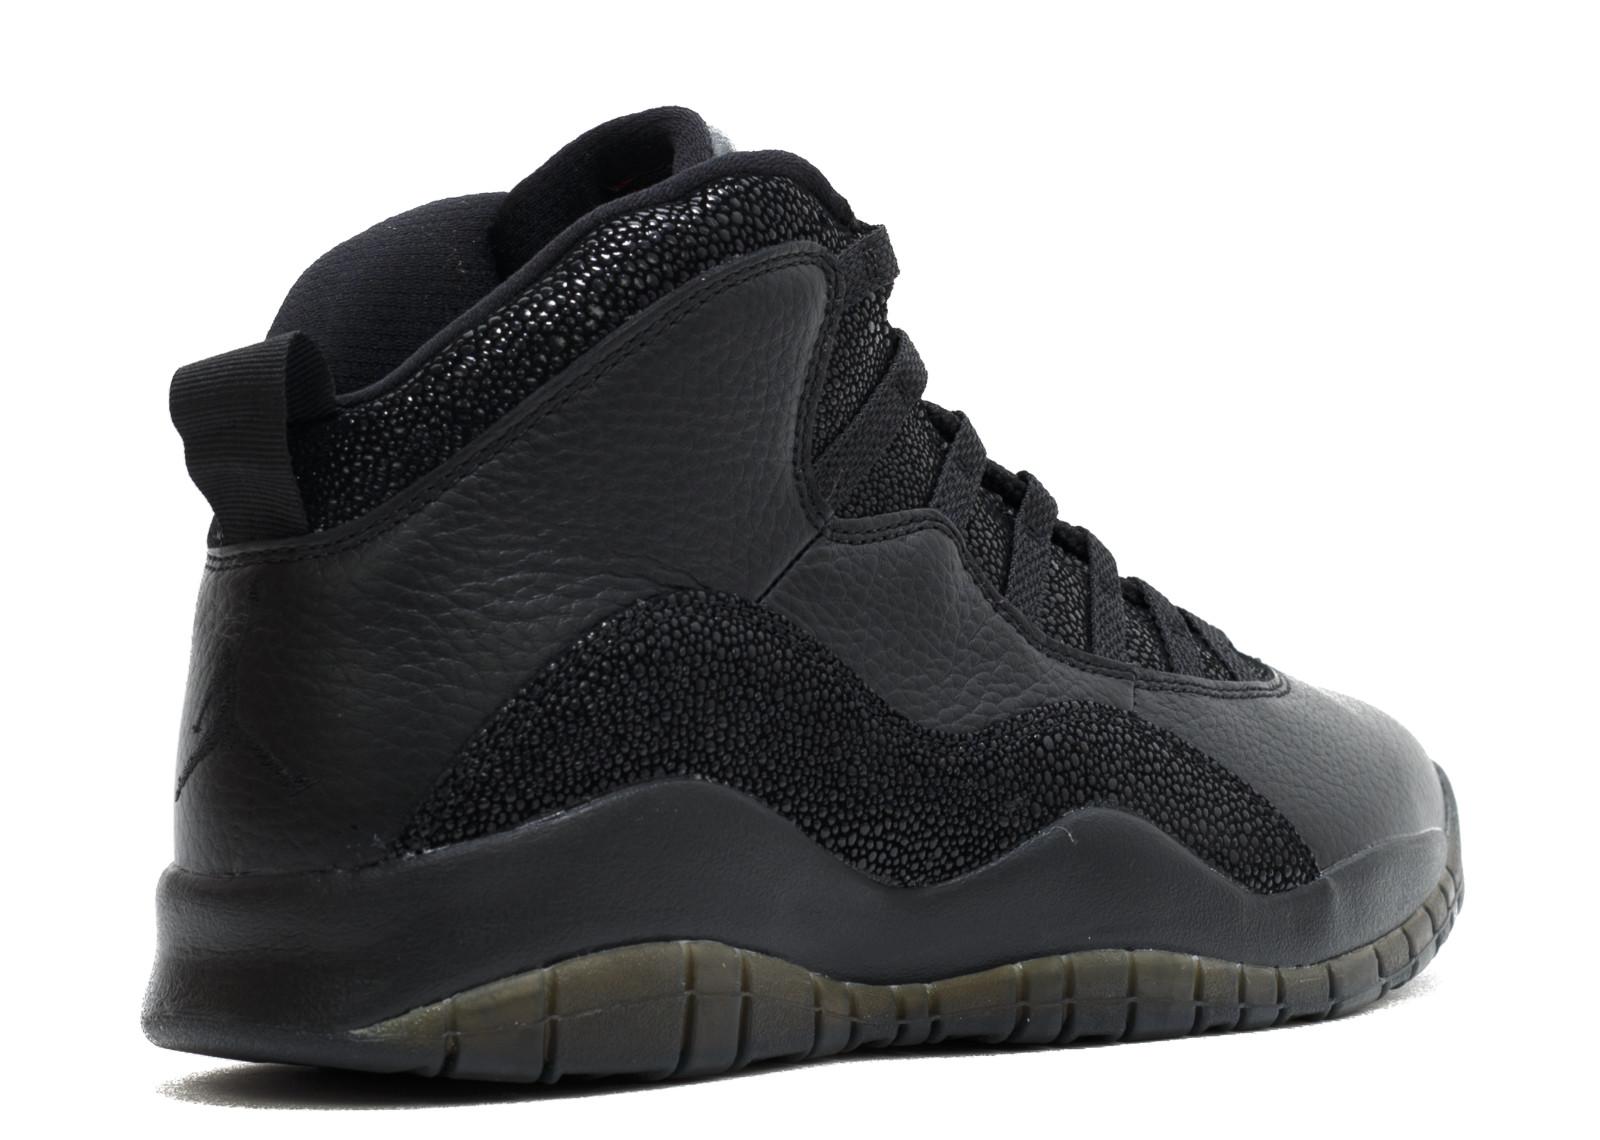 4dd4e900531d Jordan 10 Retro Drake OVO Black - 3